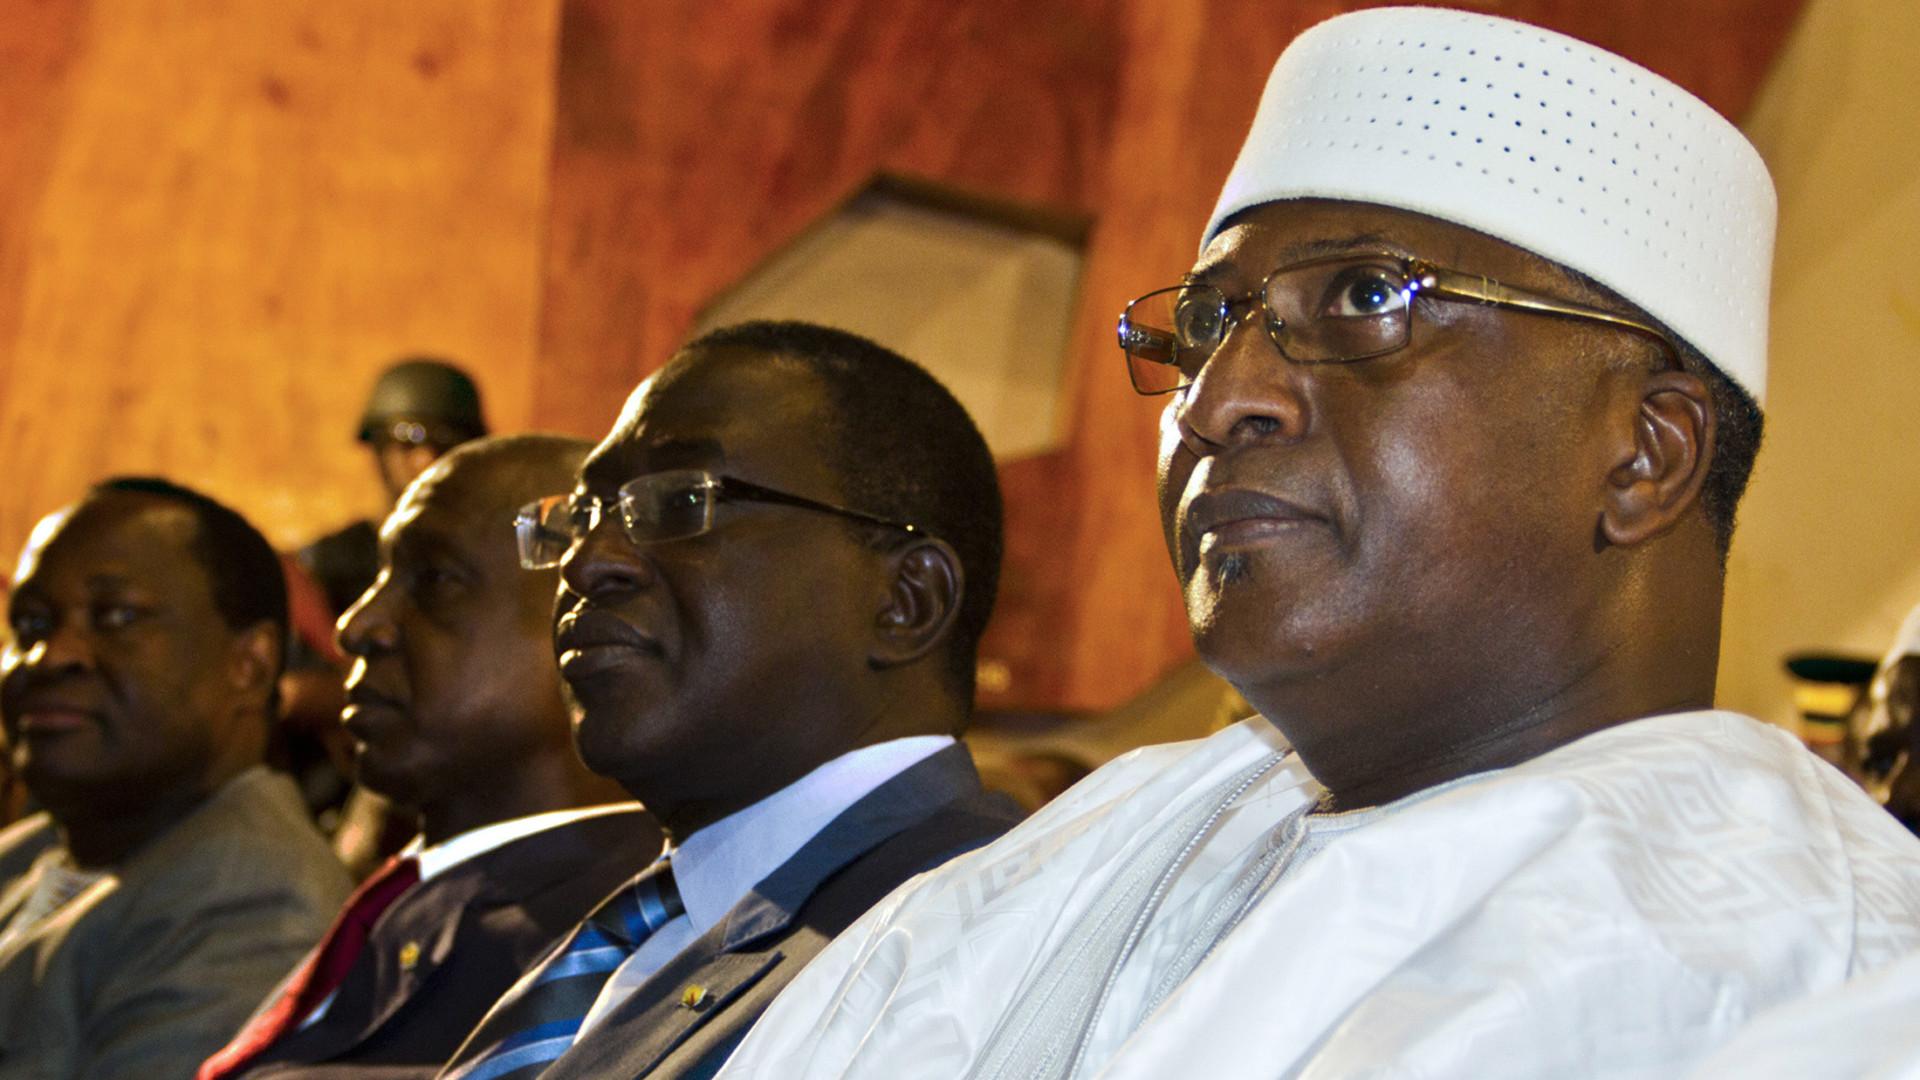 Crise política na Guiné-Bissau requer presença internacional contínua